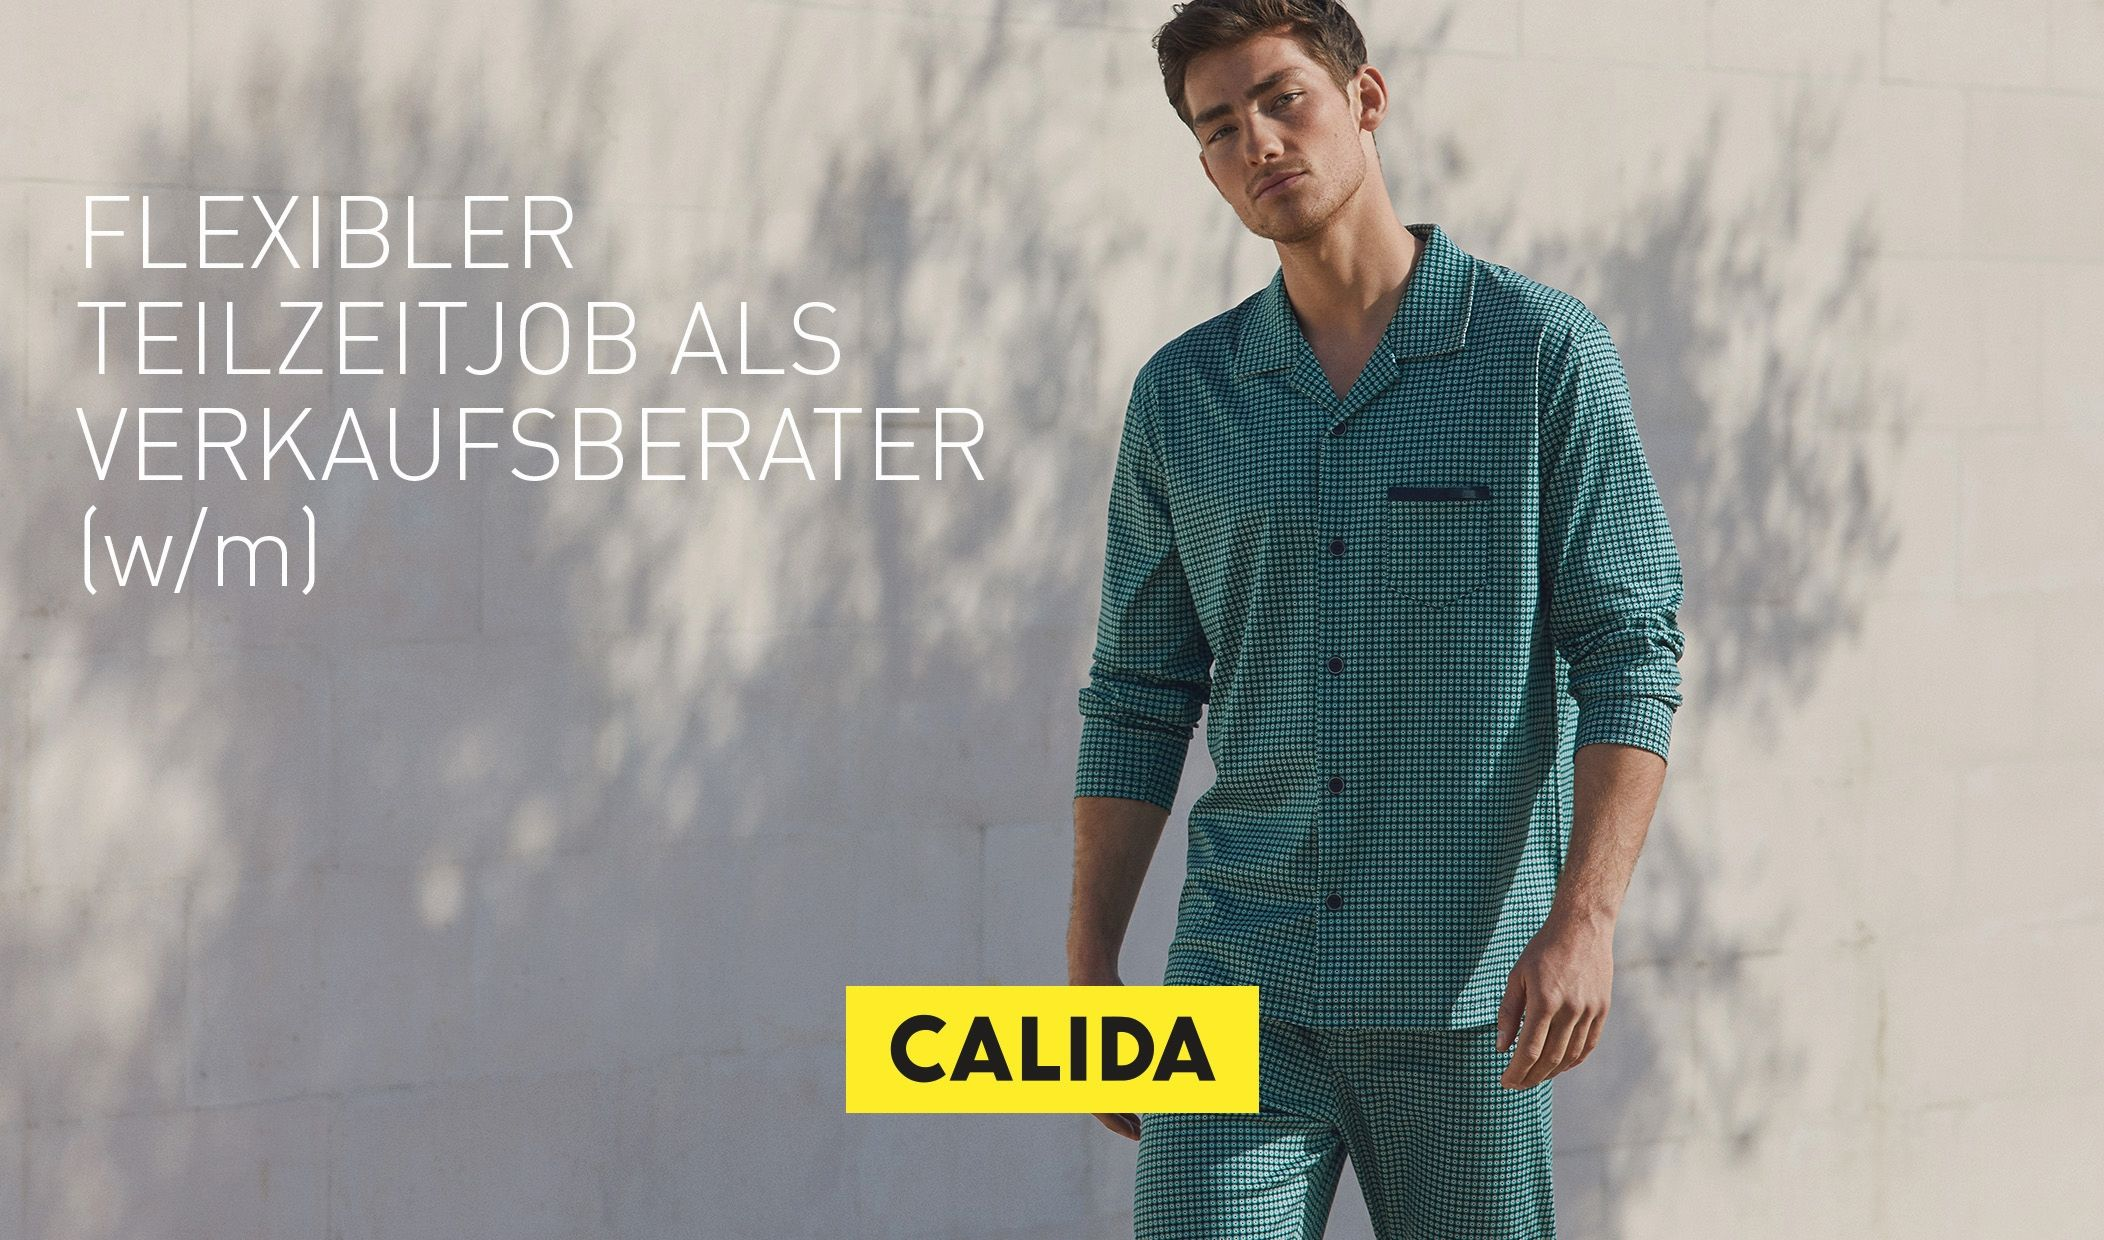 Wir Suchen Verkaufsberater Verkaufer M W D Bei Calida Ab 9 Stunden Pro Woche Als Minijob Geringfugige Beschaftigu In 2020 Job Westerland Sylt Verkauf